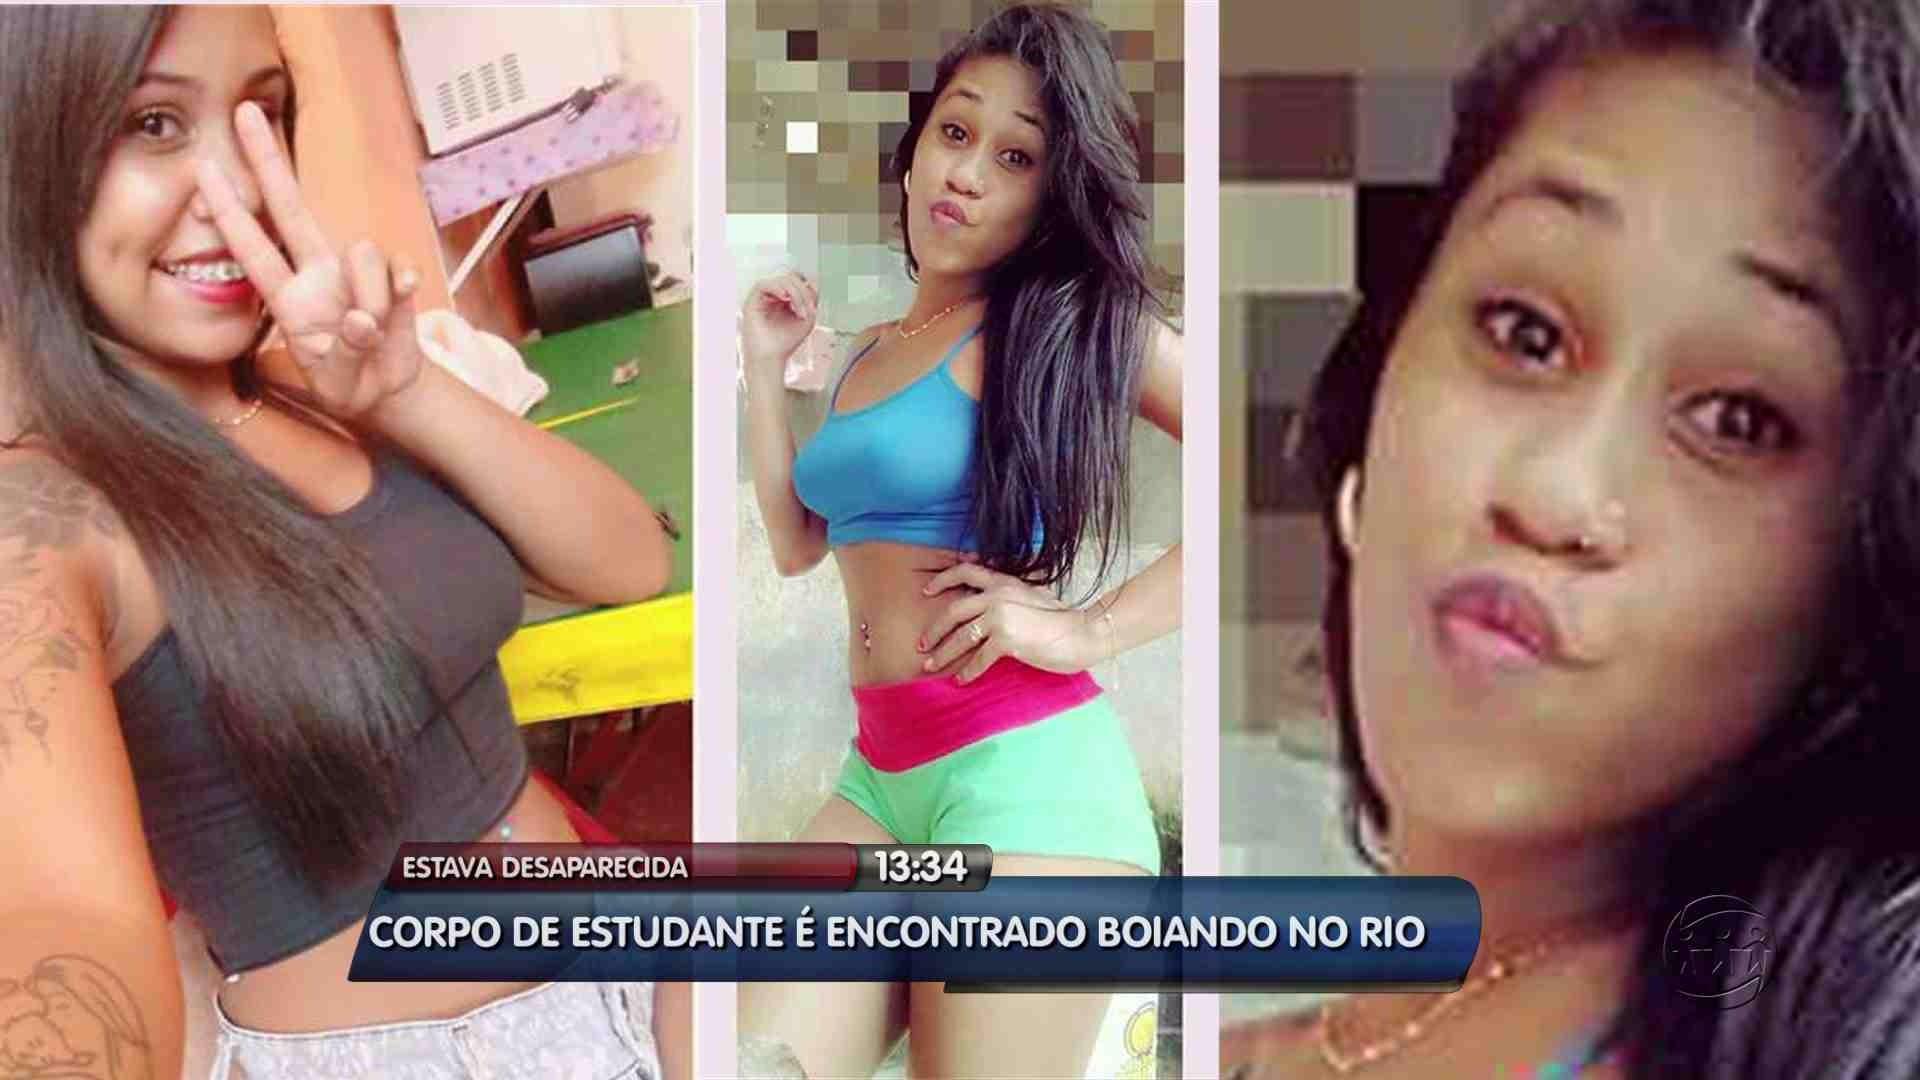 JOVEM DESAPARECE APÓS PEGAR CARONA E É ENCONTRADA MORTA NO RIO - ALÔ AMAZONAS - 14/06/17